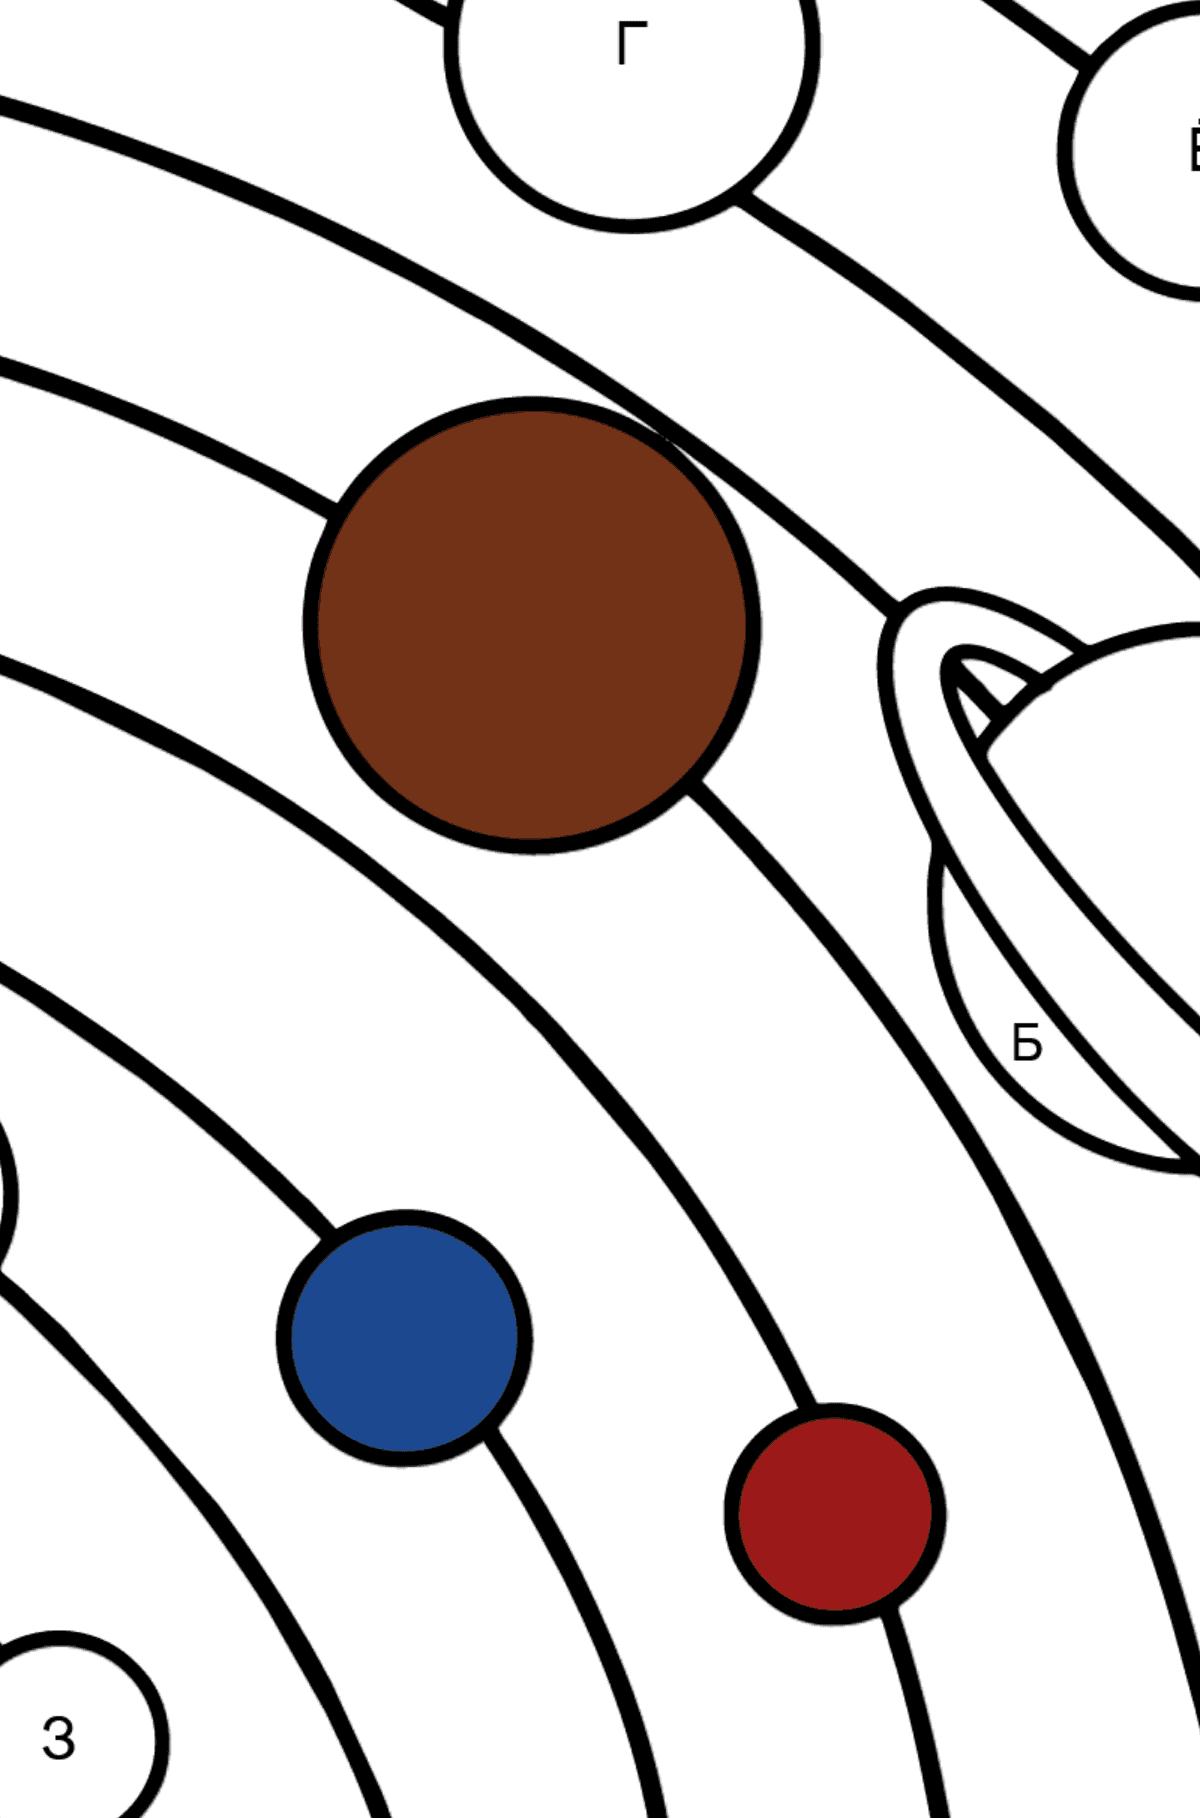 Раскраска солнечная система - просто - Раскраска по Буквам для Детей